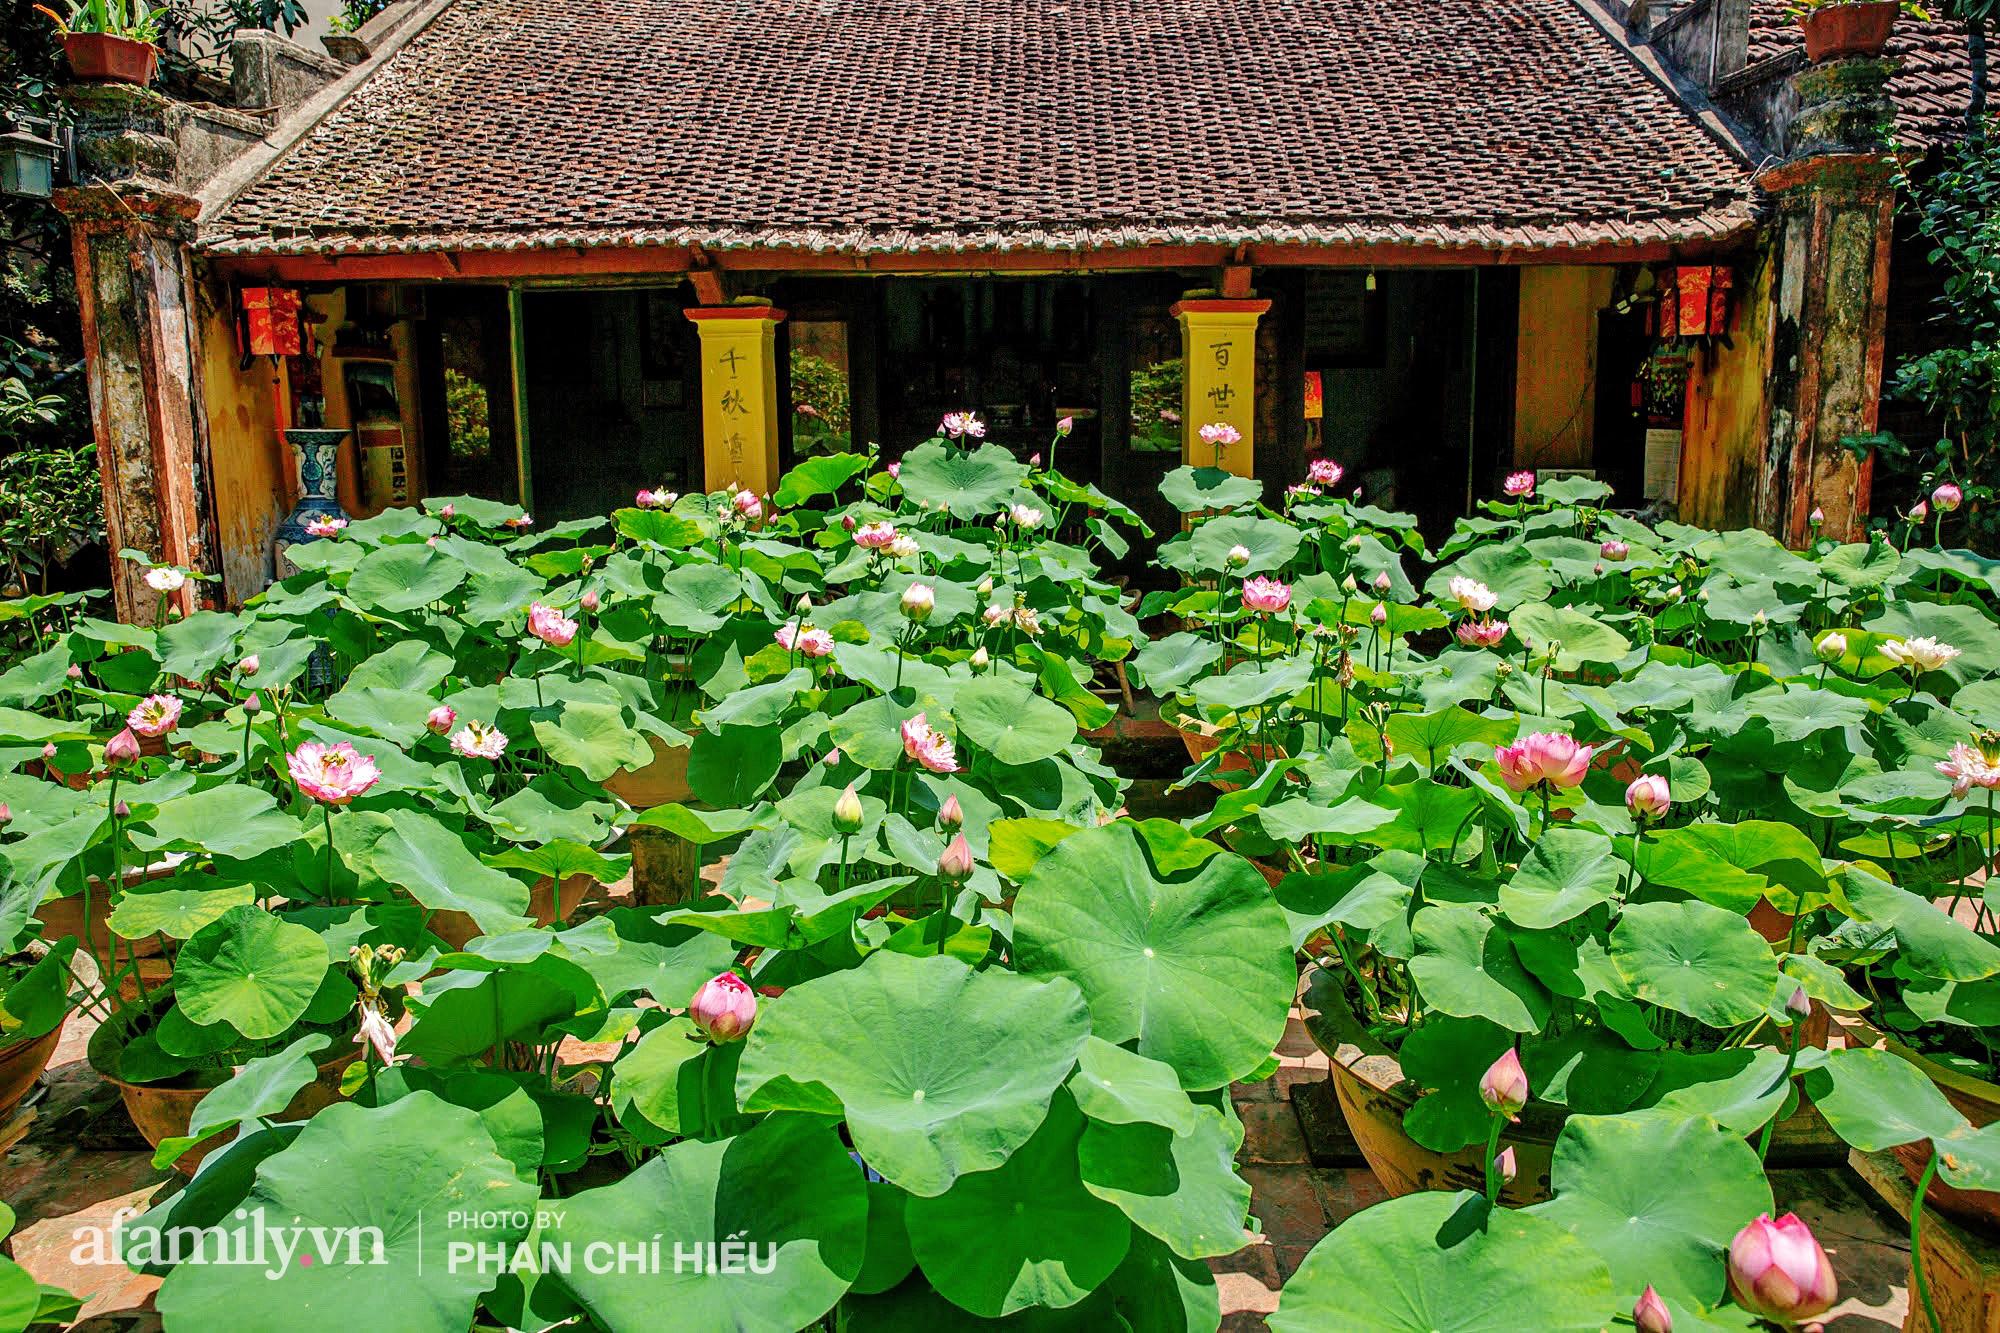 Độc đáo với thú chơi sen cung đình Huế tại Hà Nội, nở hoa tuyệt đẹp giữa ngôi nhà cổ trăm năm tuổi khiến bao người mê mẩn - Ảnh 9.